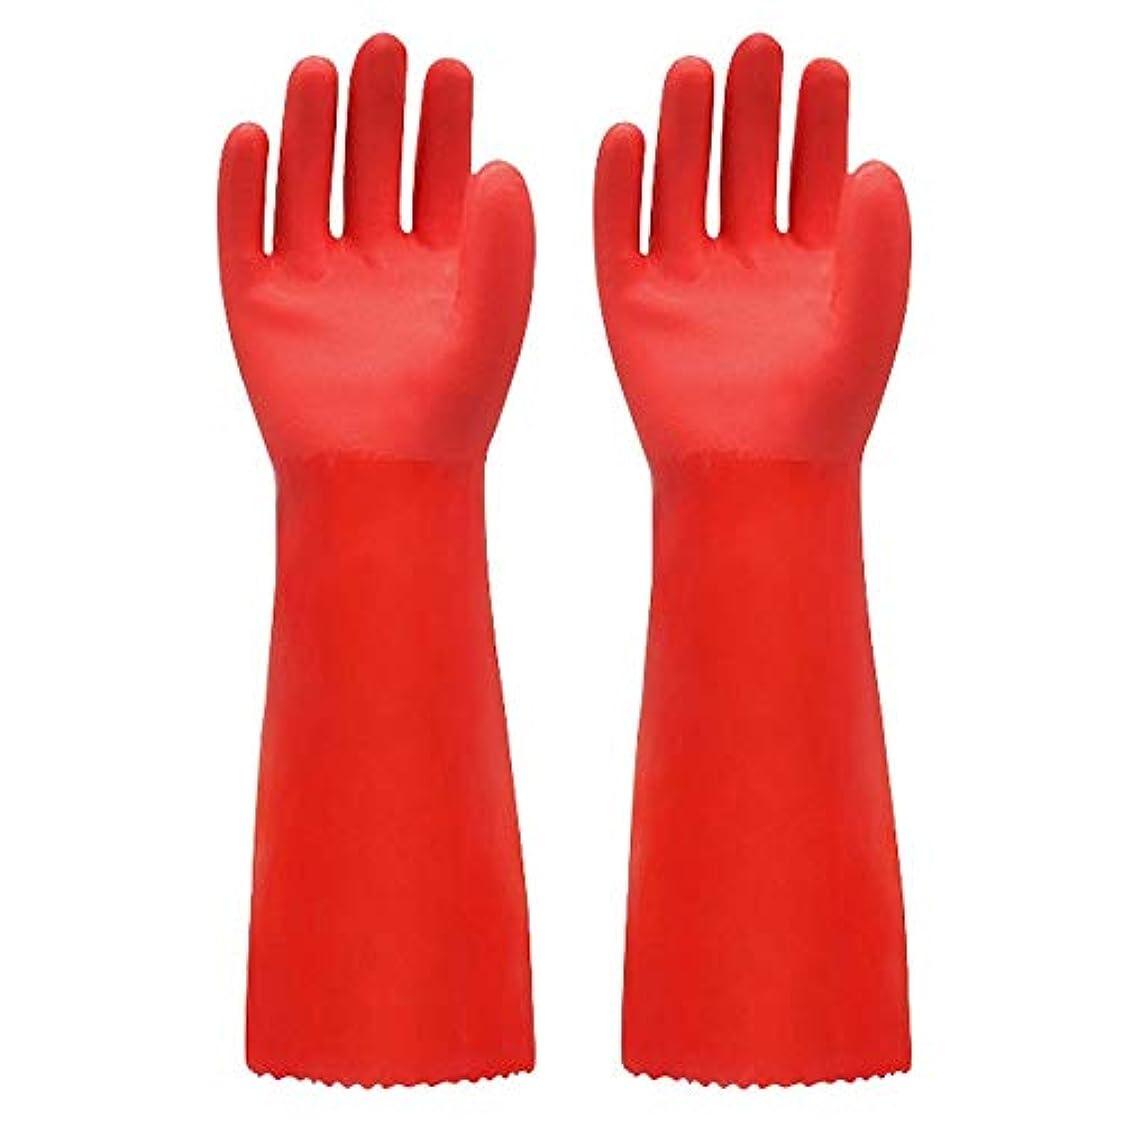 経歴バナーインサートBTXXYJP キッチン用手袋 手袋 掃除用 ロング 耐摩耗 食器洗い 作業 炊事 食器洗い 園芸 洗車 防水 手袋 (Color : RED, Size : L)